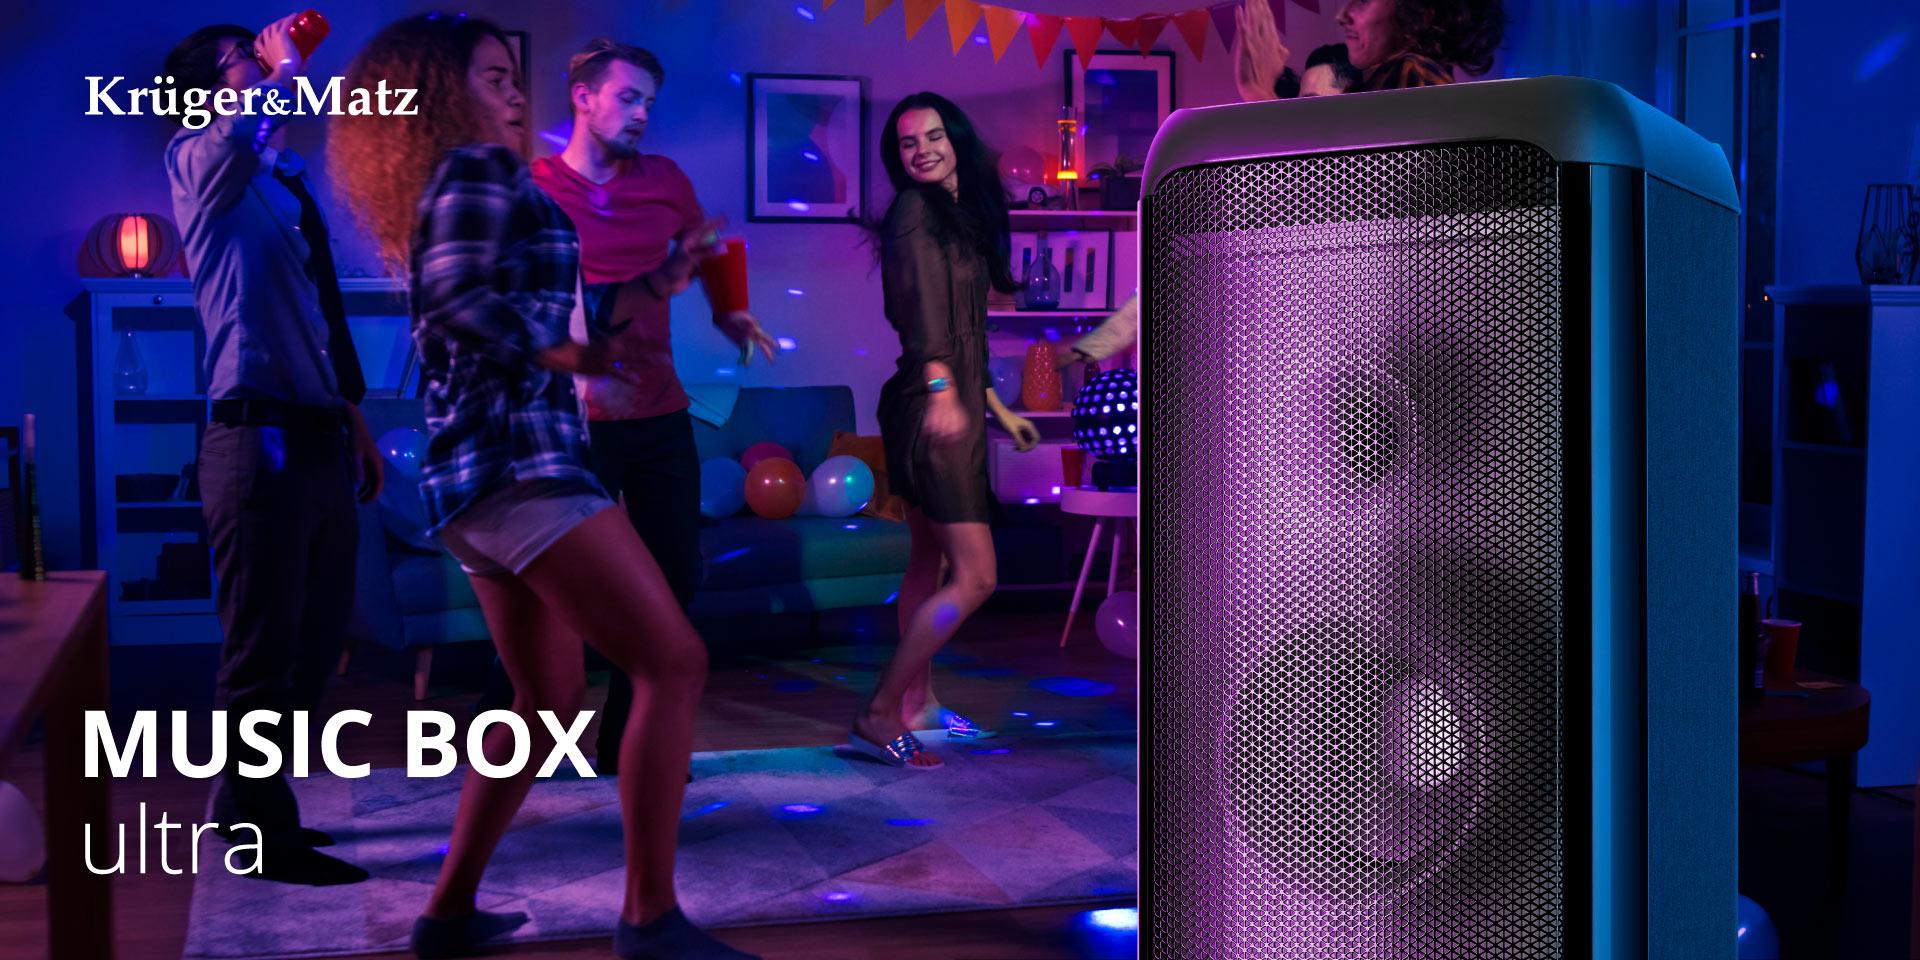 Przenośny głośnik Bluetooth Kruger&Matz Music Box Ultra